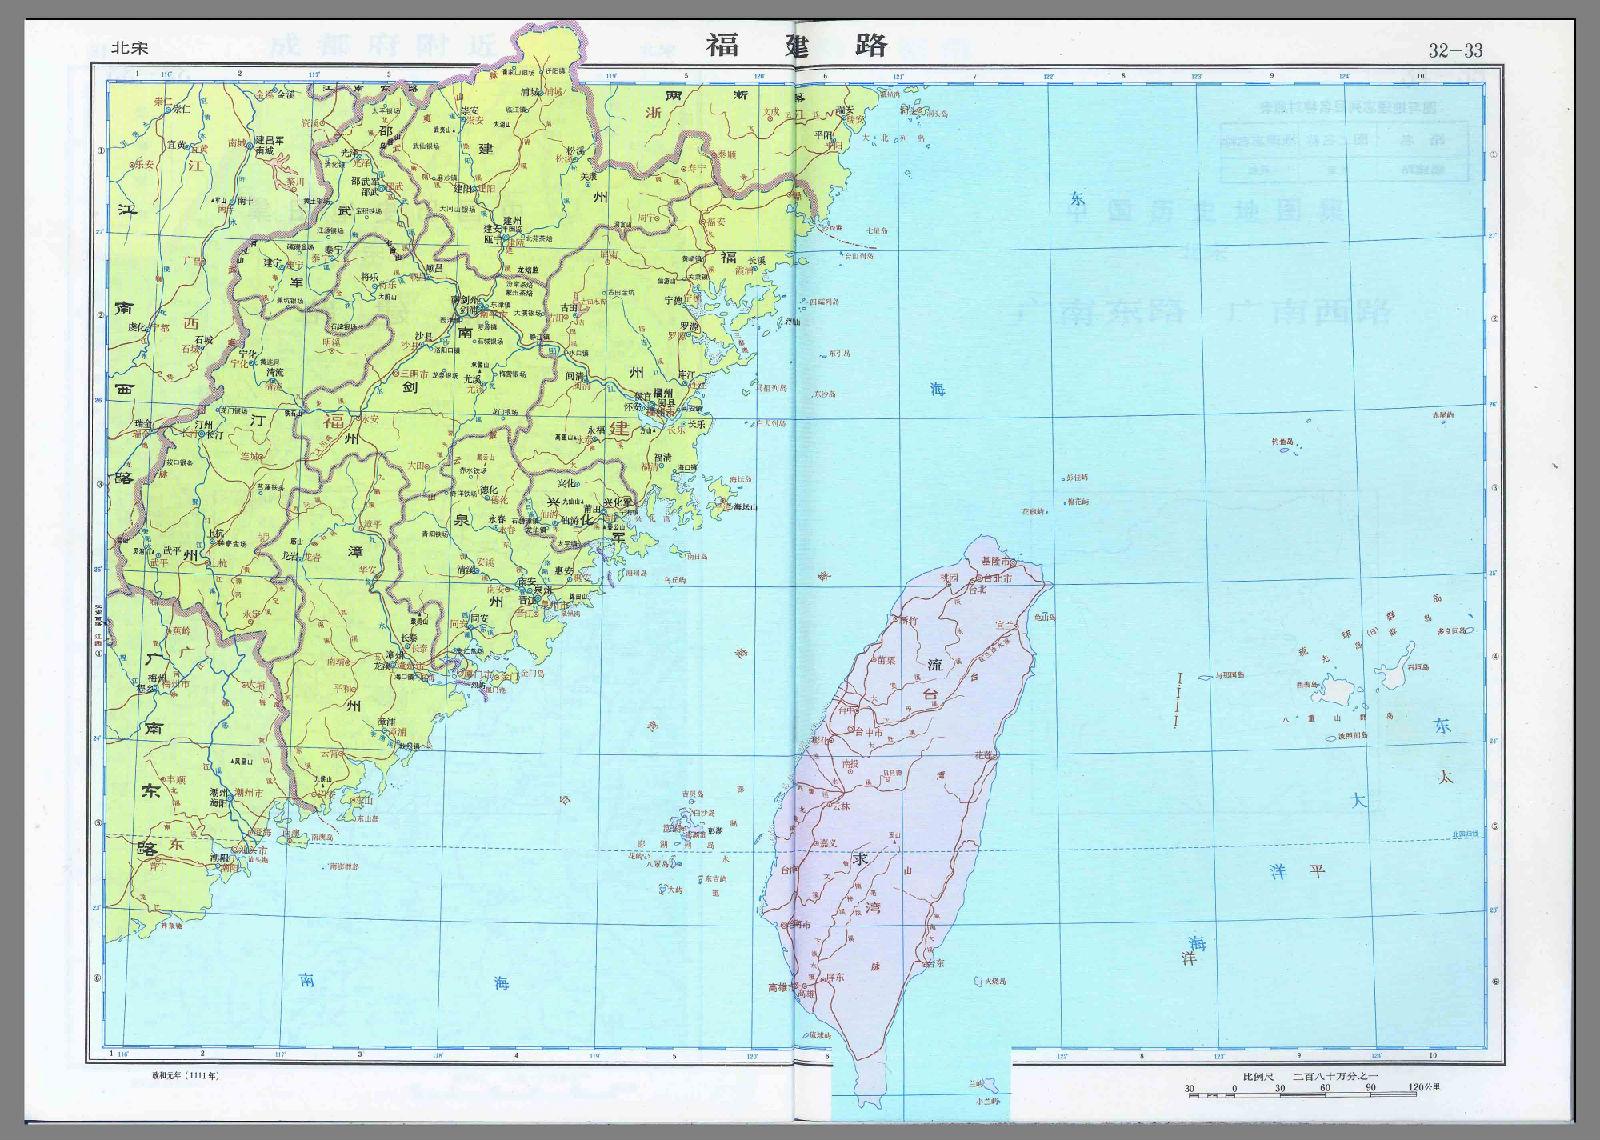 【地图】宋朝地图_开封府大堂吧_百度贴吧图片